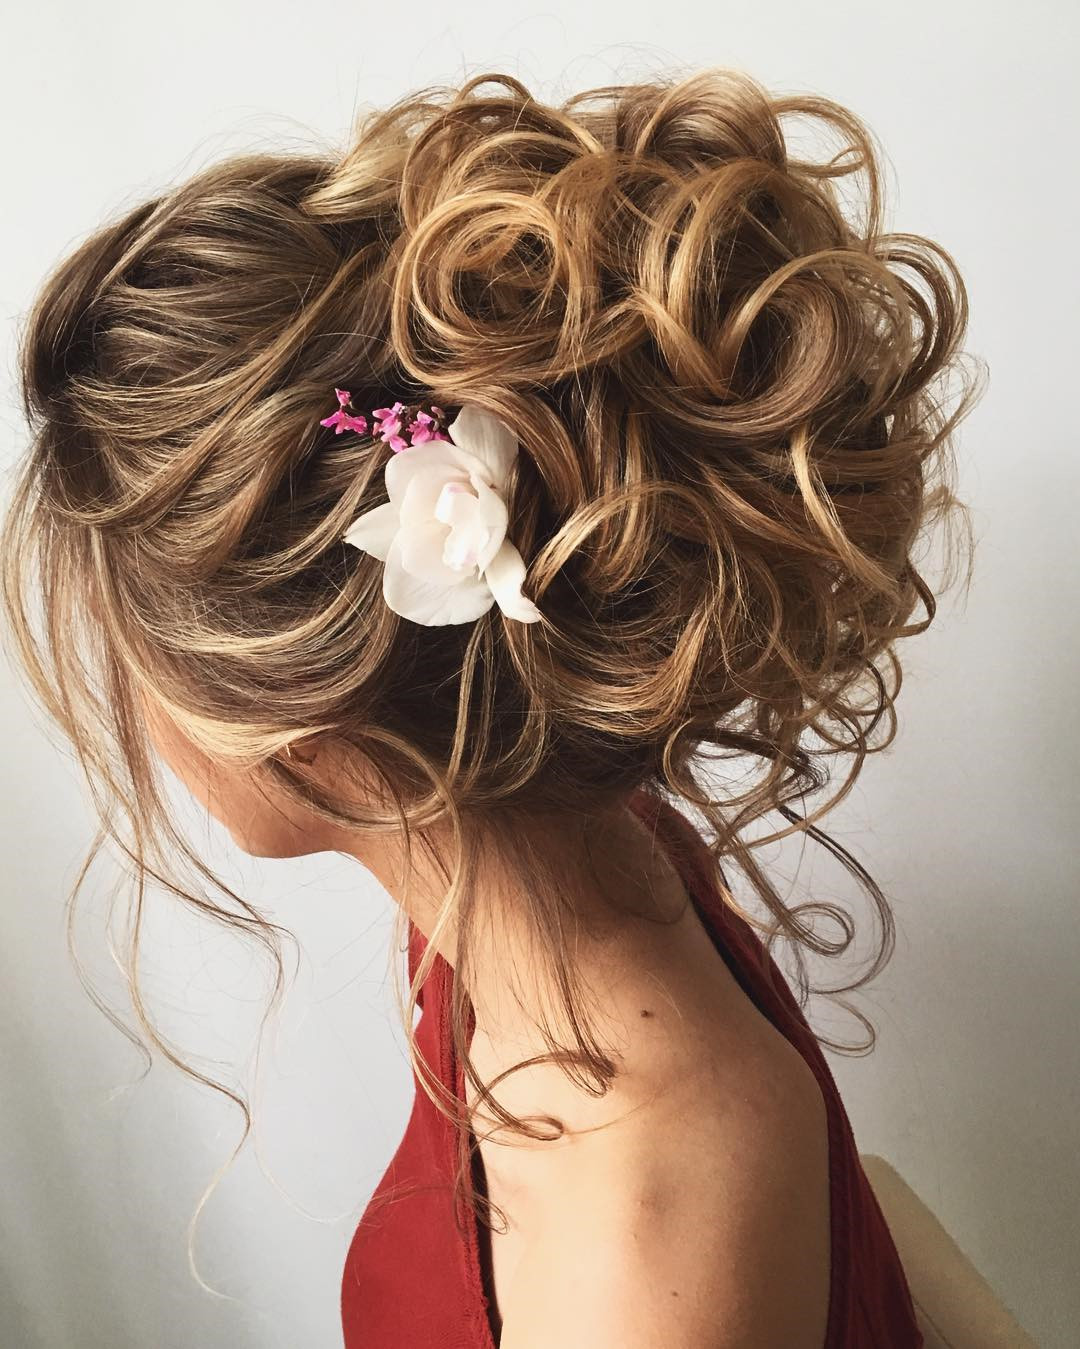 46 Gorgeous Updos Wedding Hairstyles ideas #WeddingHairstyles  #Updos #UpdoHairstyles